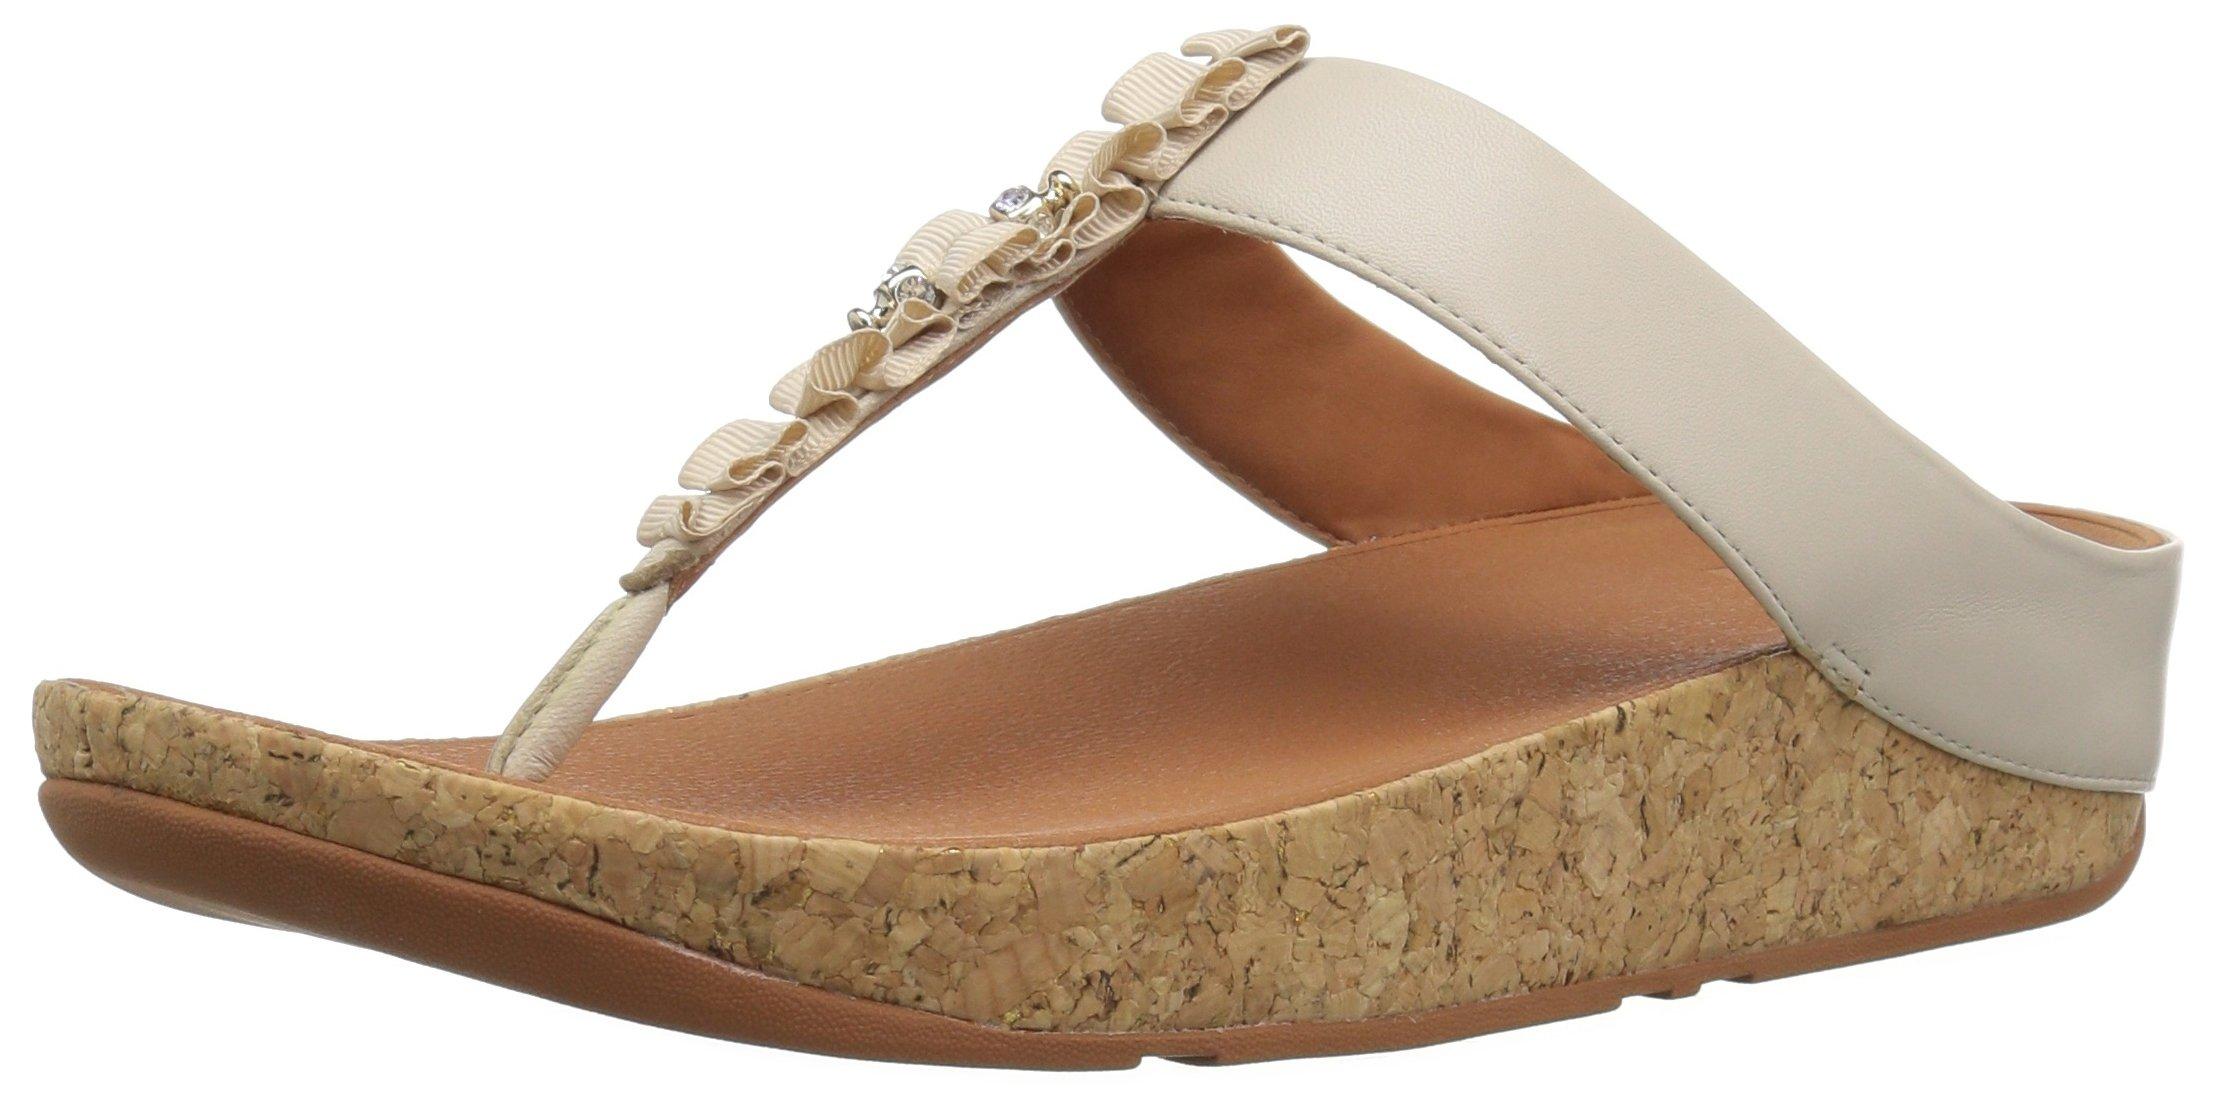 Ruffle Fitflop Ouvert SandalsBout Eu 47739 FemmeEcrucream Toe thong HYW29IDE